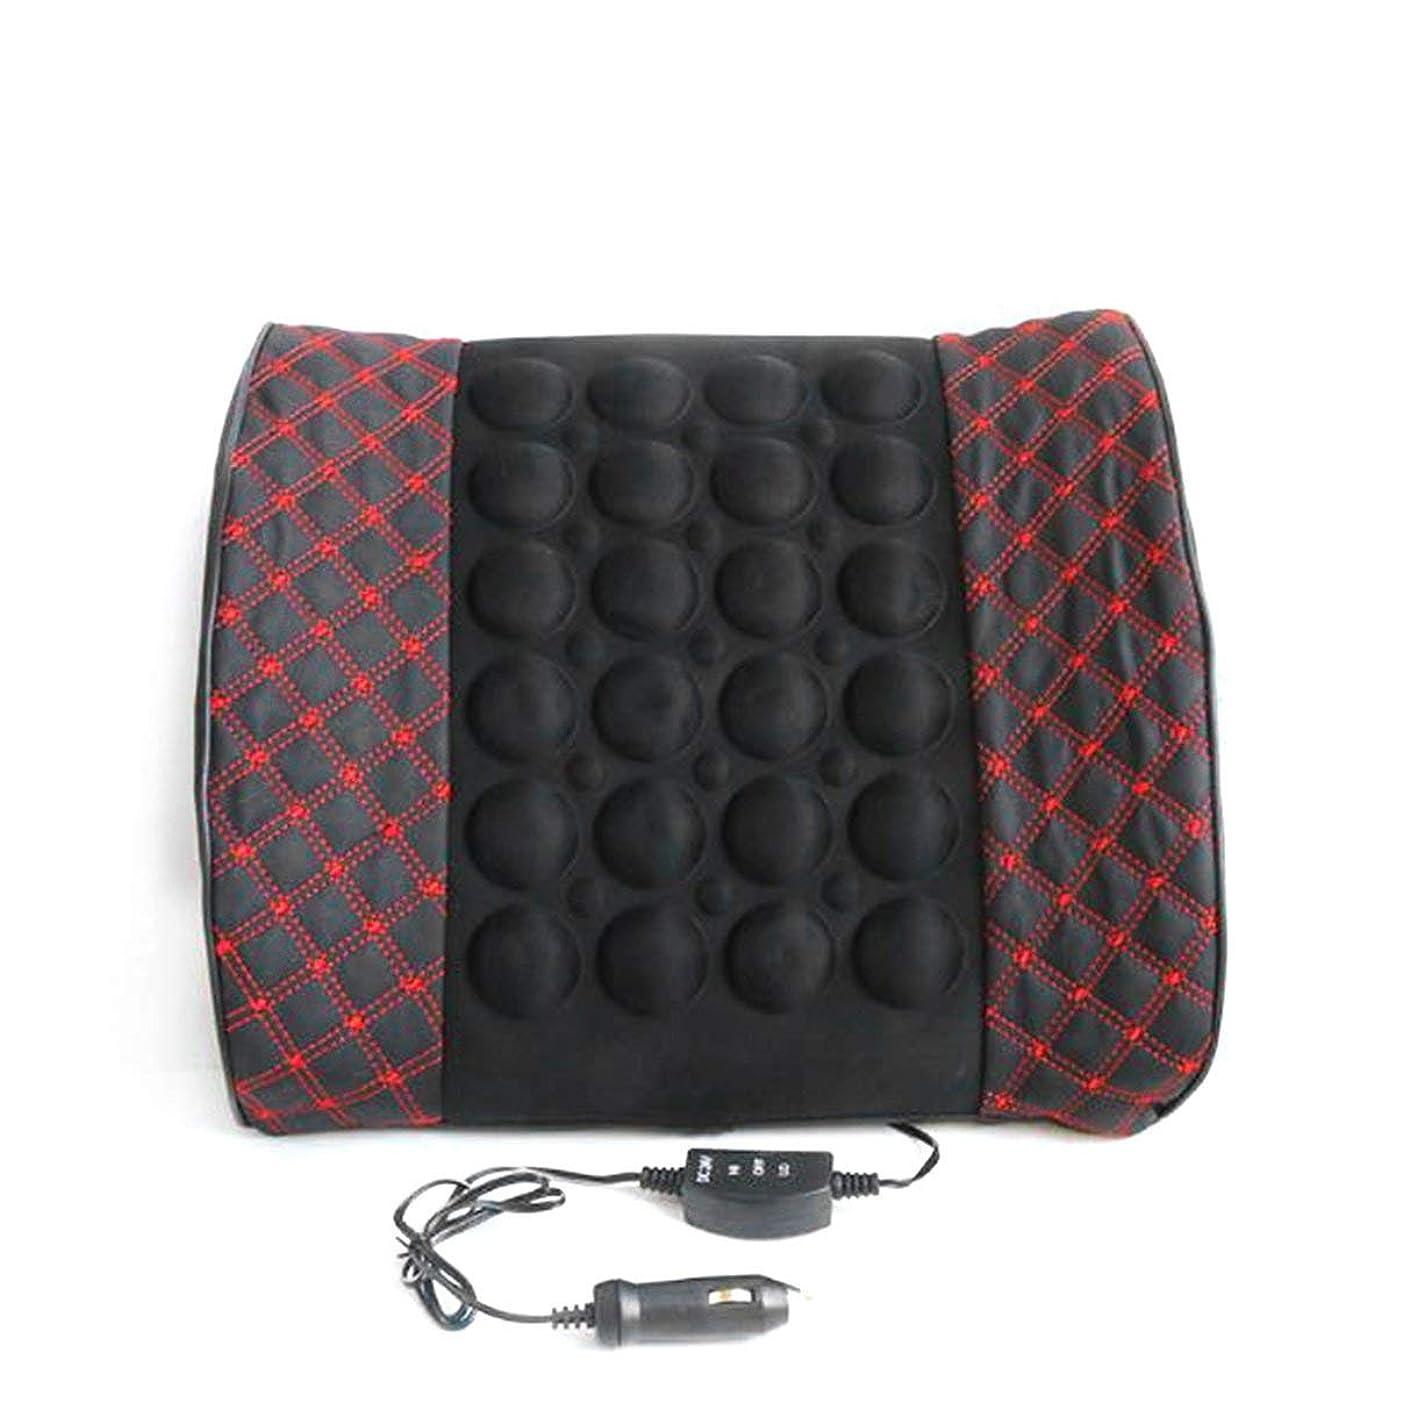 酸ハンマー致命的なMicrofiber Leather Car Back Support Lumbar Posture Support Breathable Electrical Massage Cushion Health Care Tool